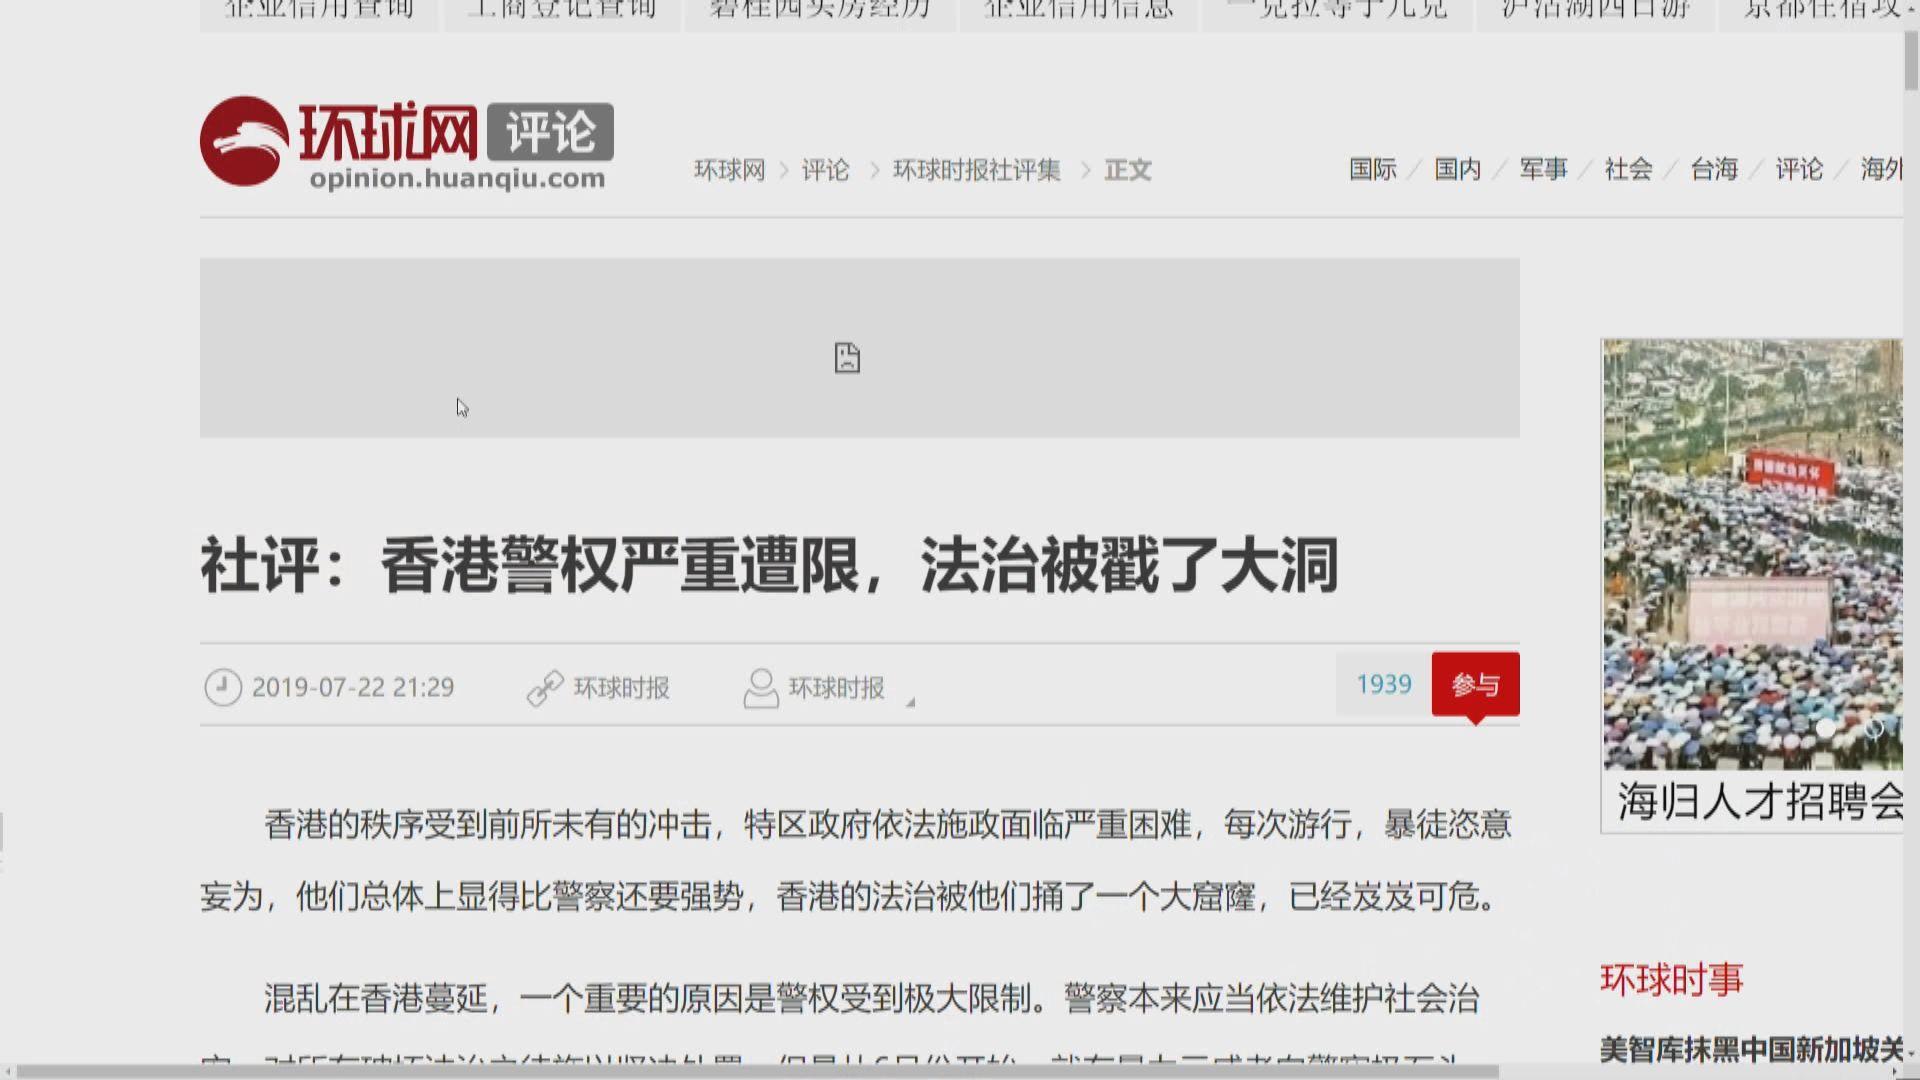 環時:香港警權受限令基層治安環脫落